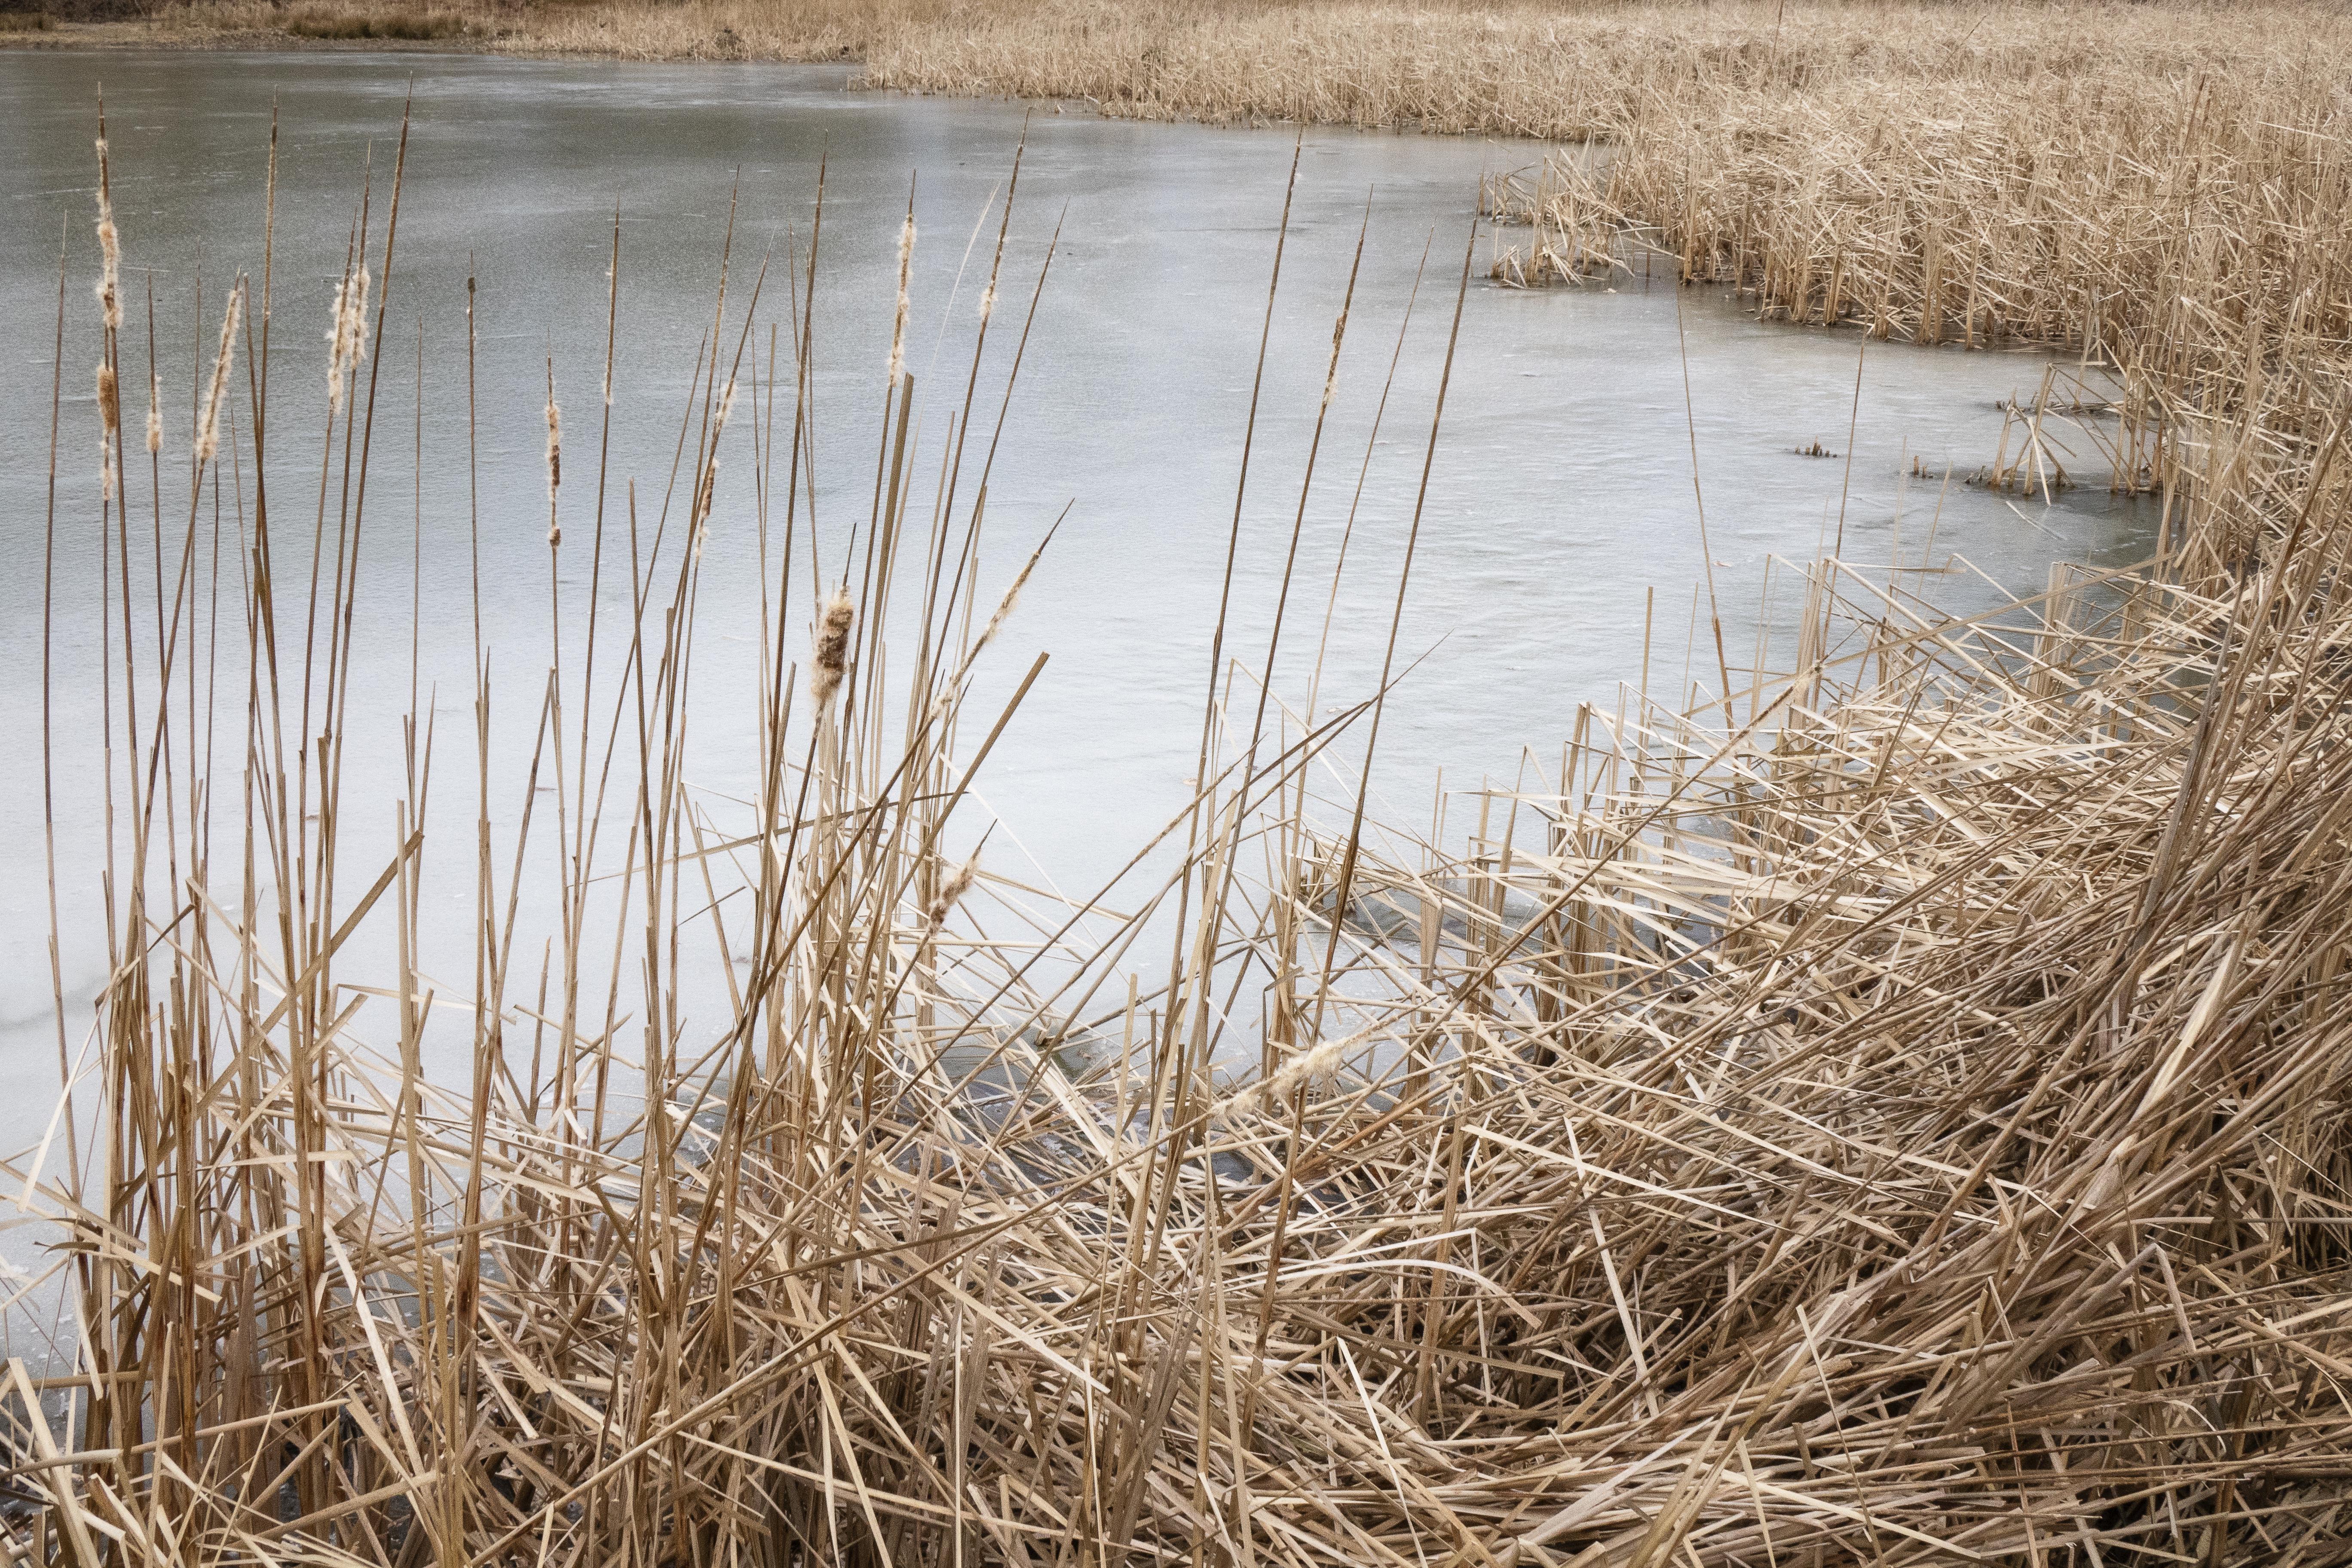 Ice & Reeds